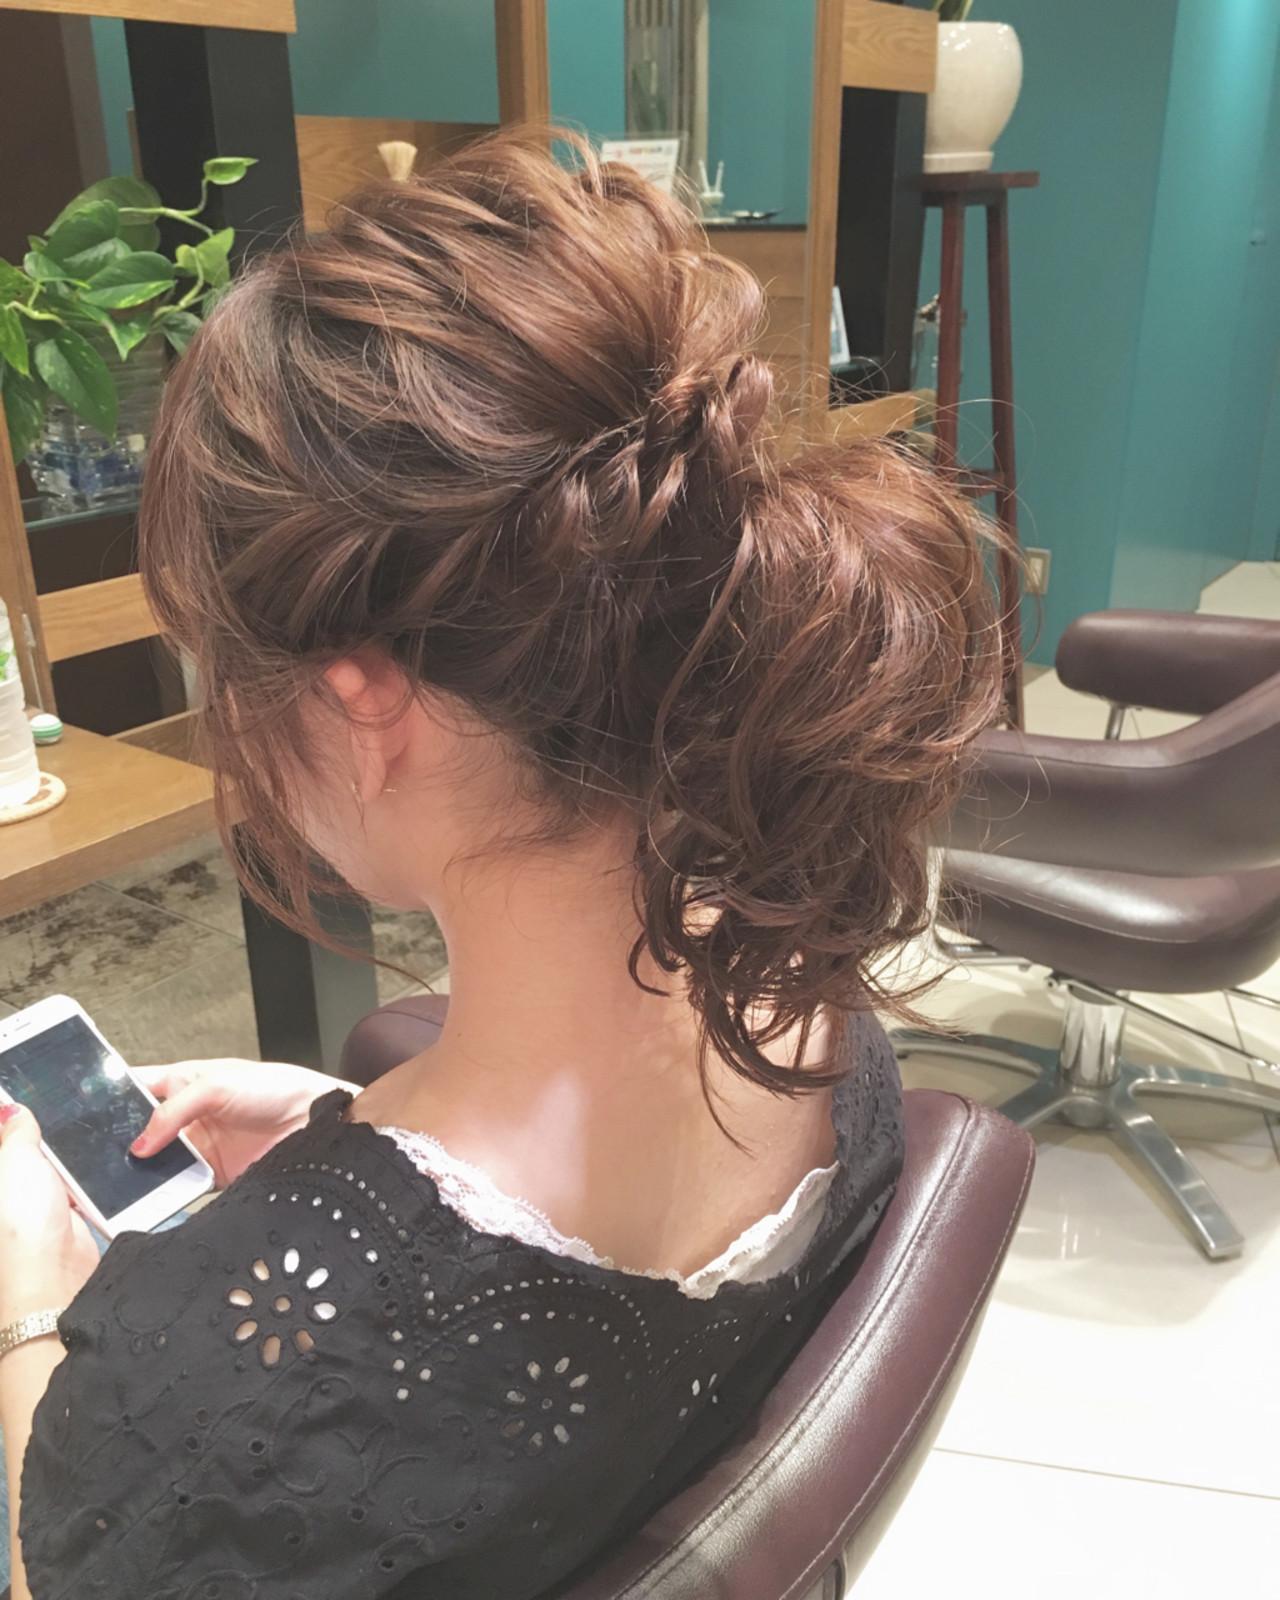 ミディアム・セミロングさん】結婚式向けヘアアレンジ教えます